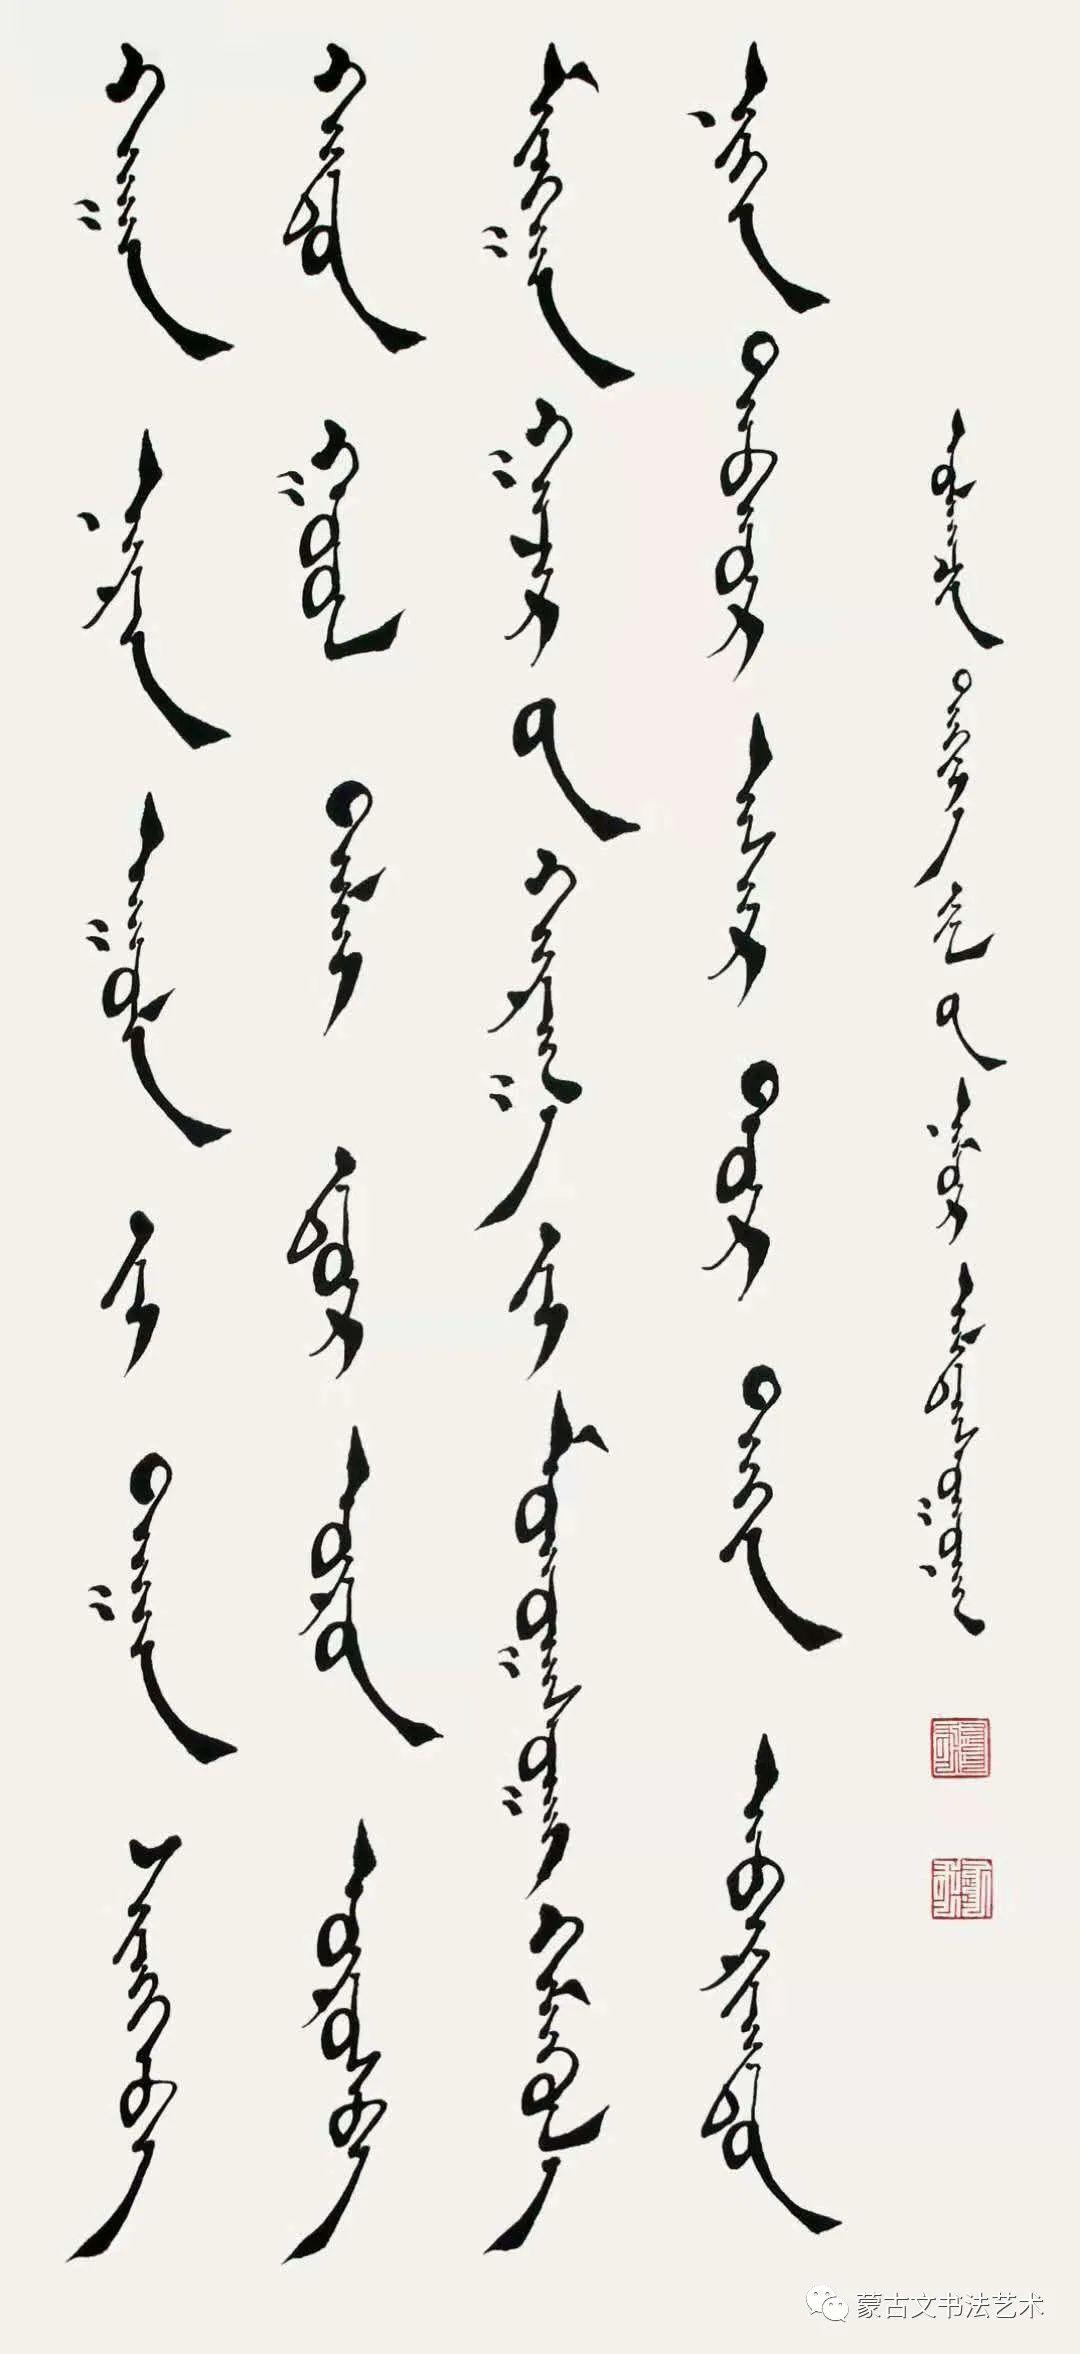 阿拉坦苏那嘎蒙古文书法 第4张 阿拉坦苏那嘎蒙古文书法 蒙古书法